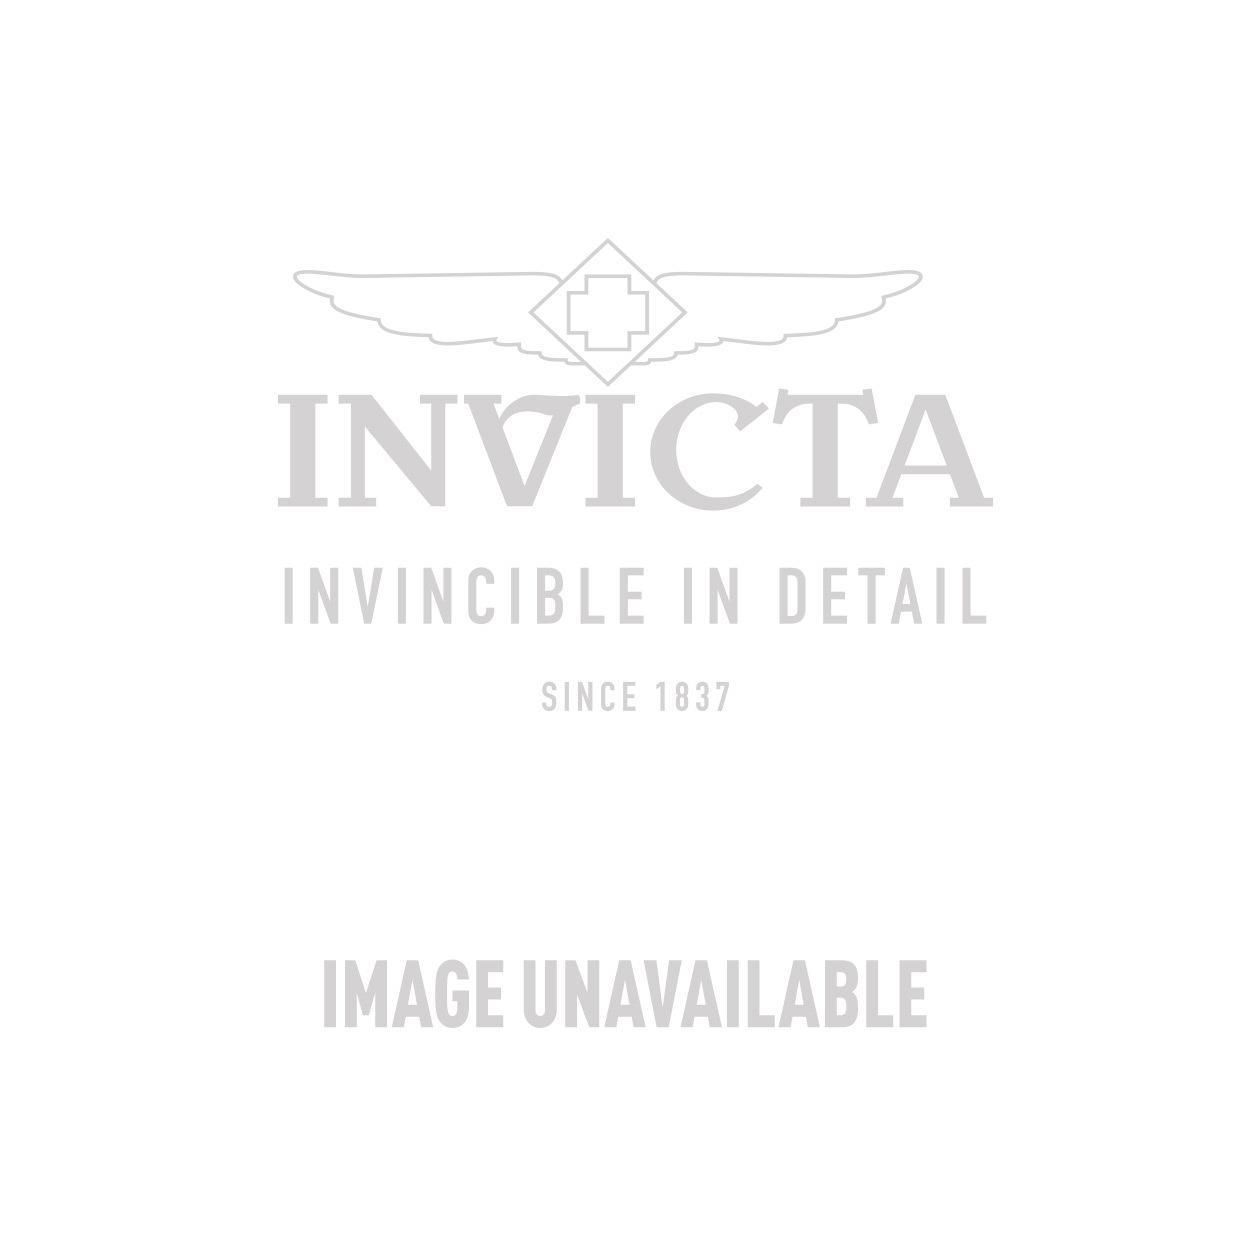 Invicta Model 27763